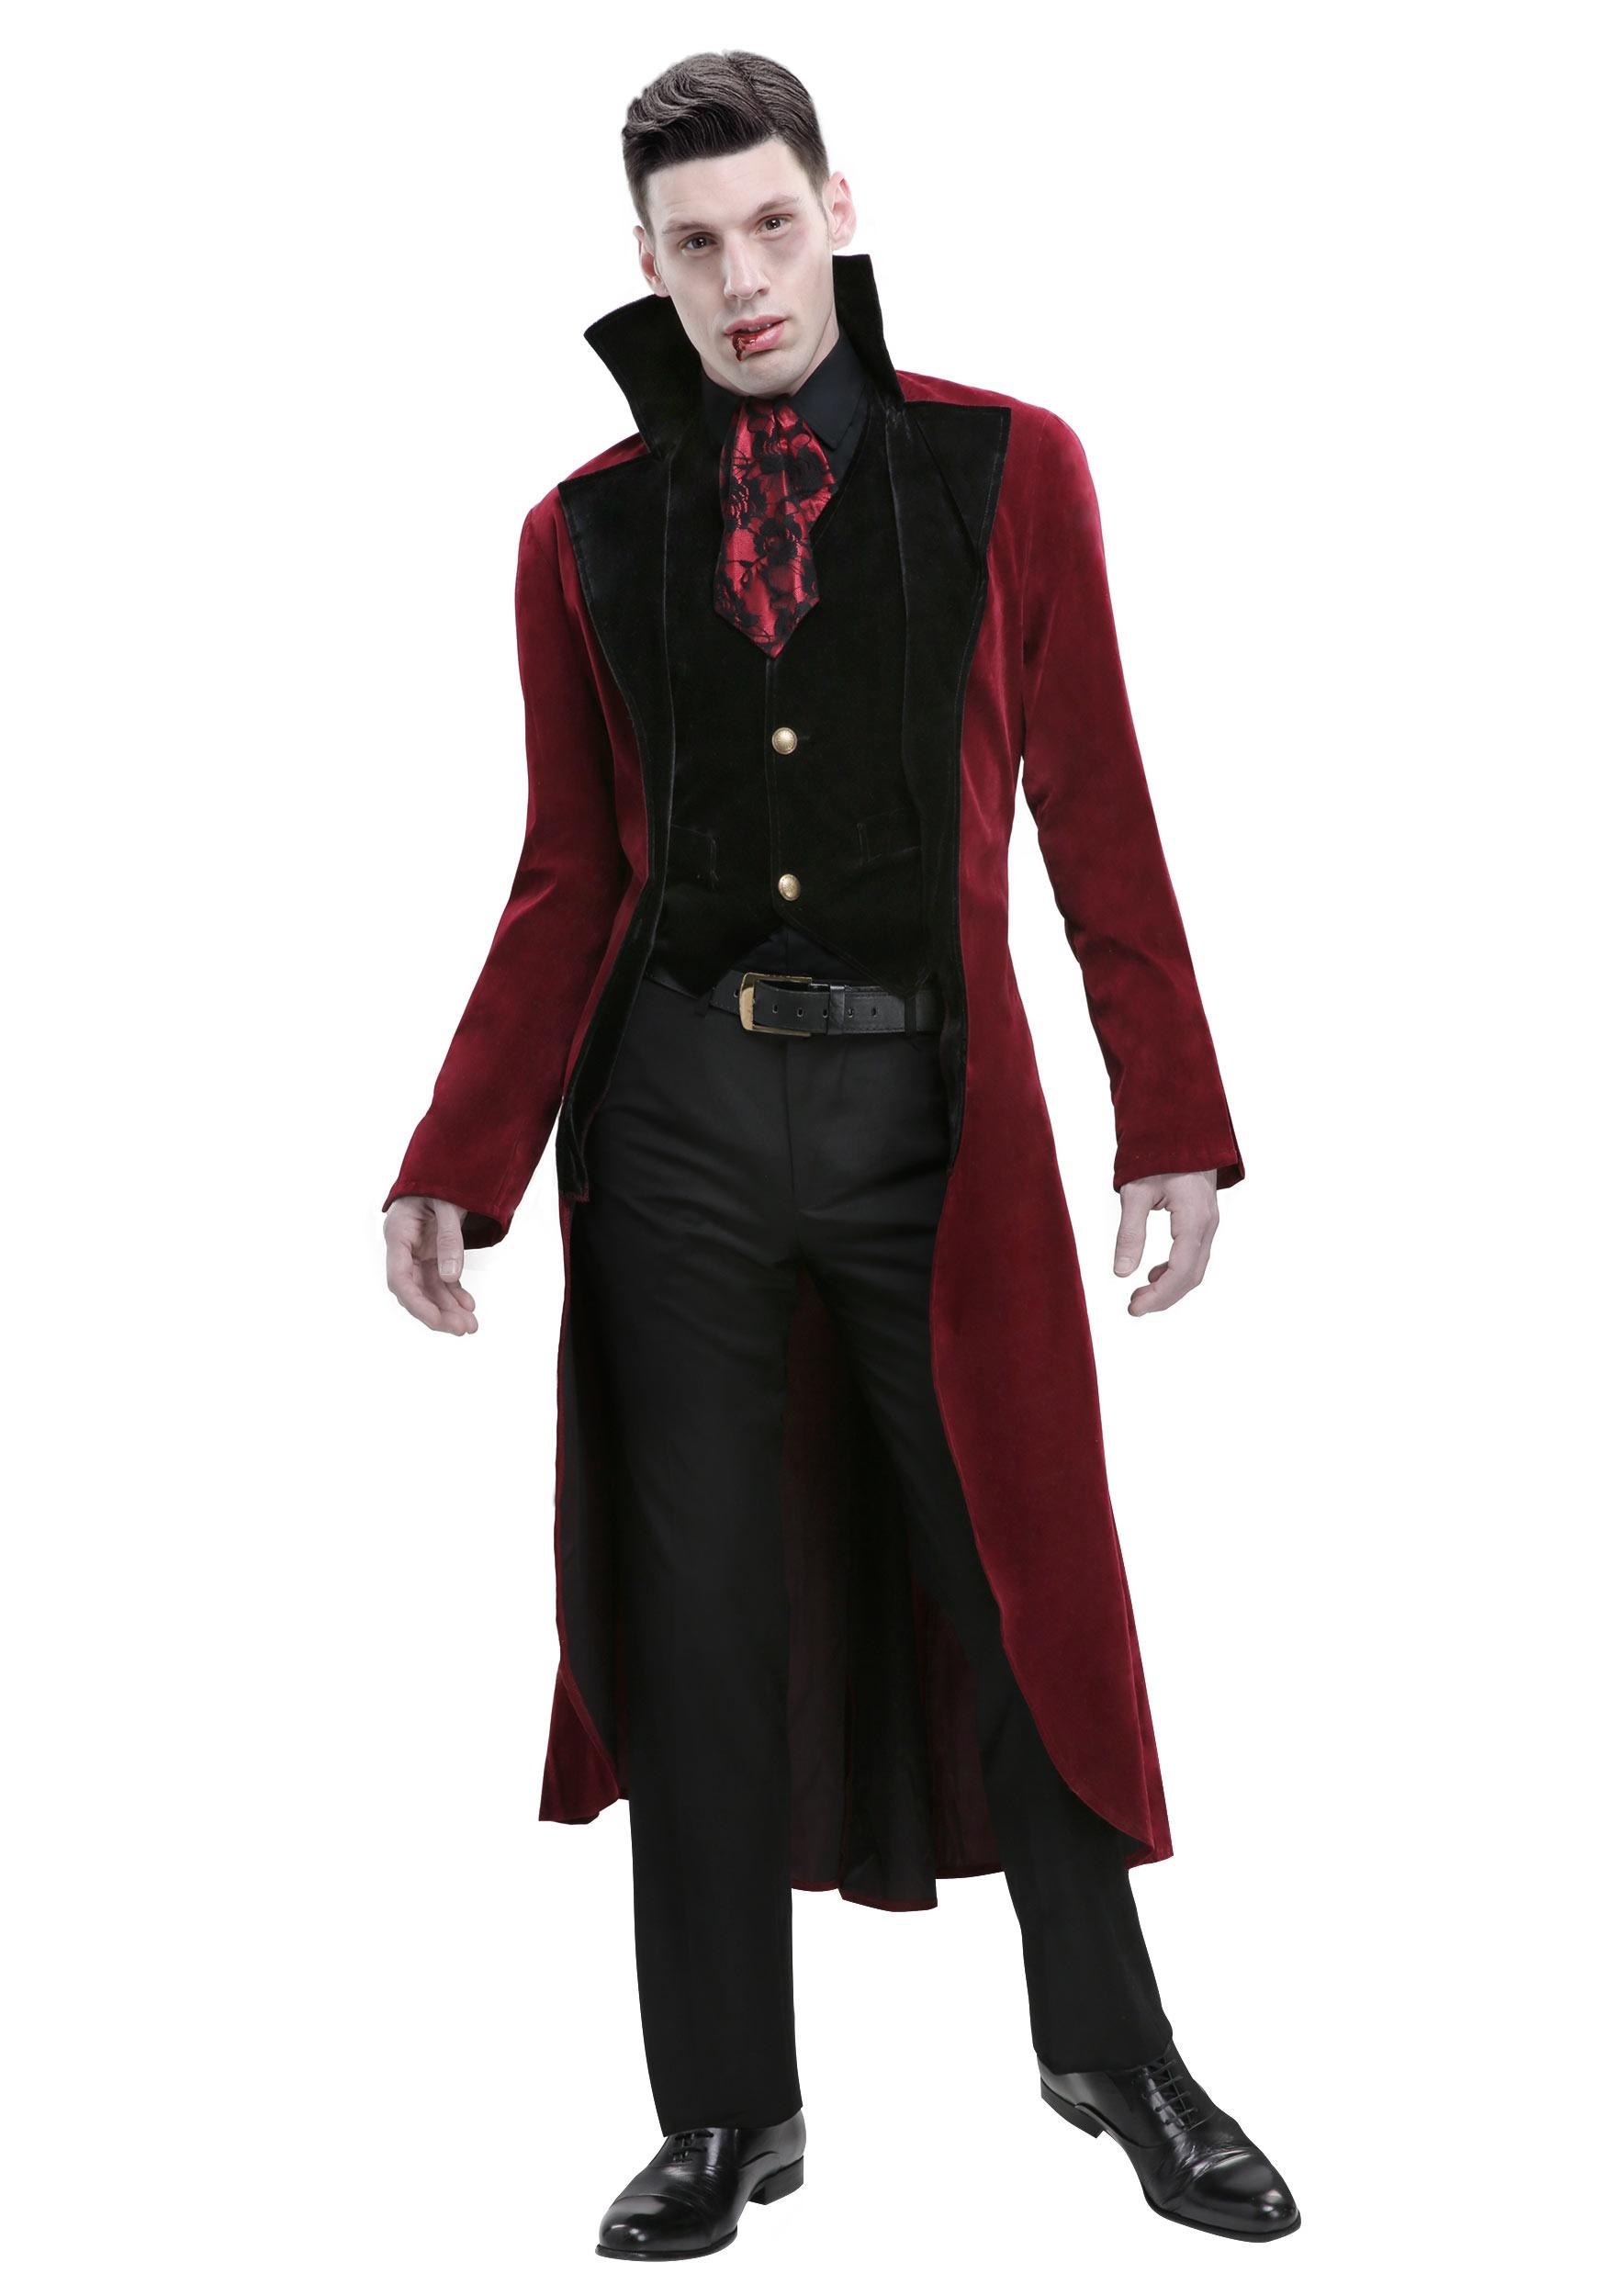 Dreadful Vampire Costume for Men